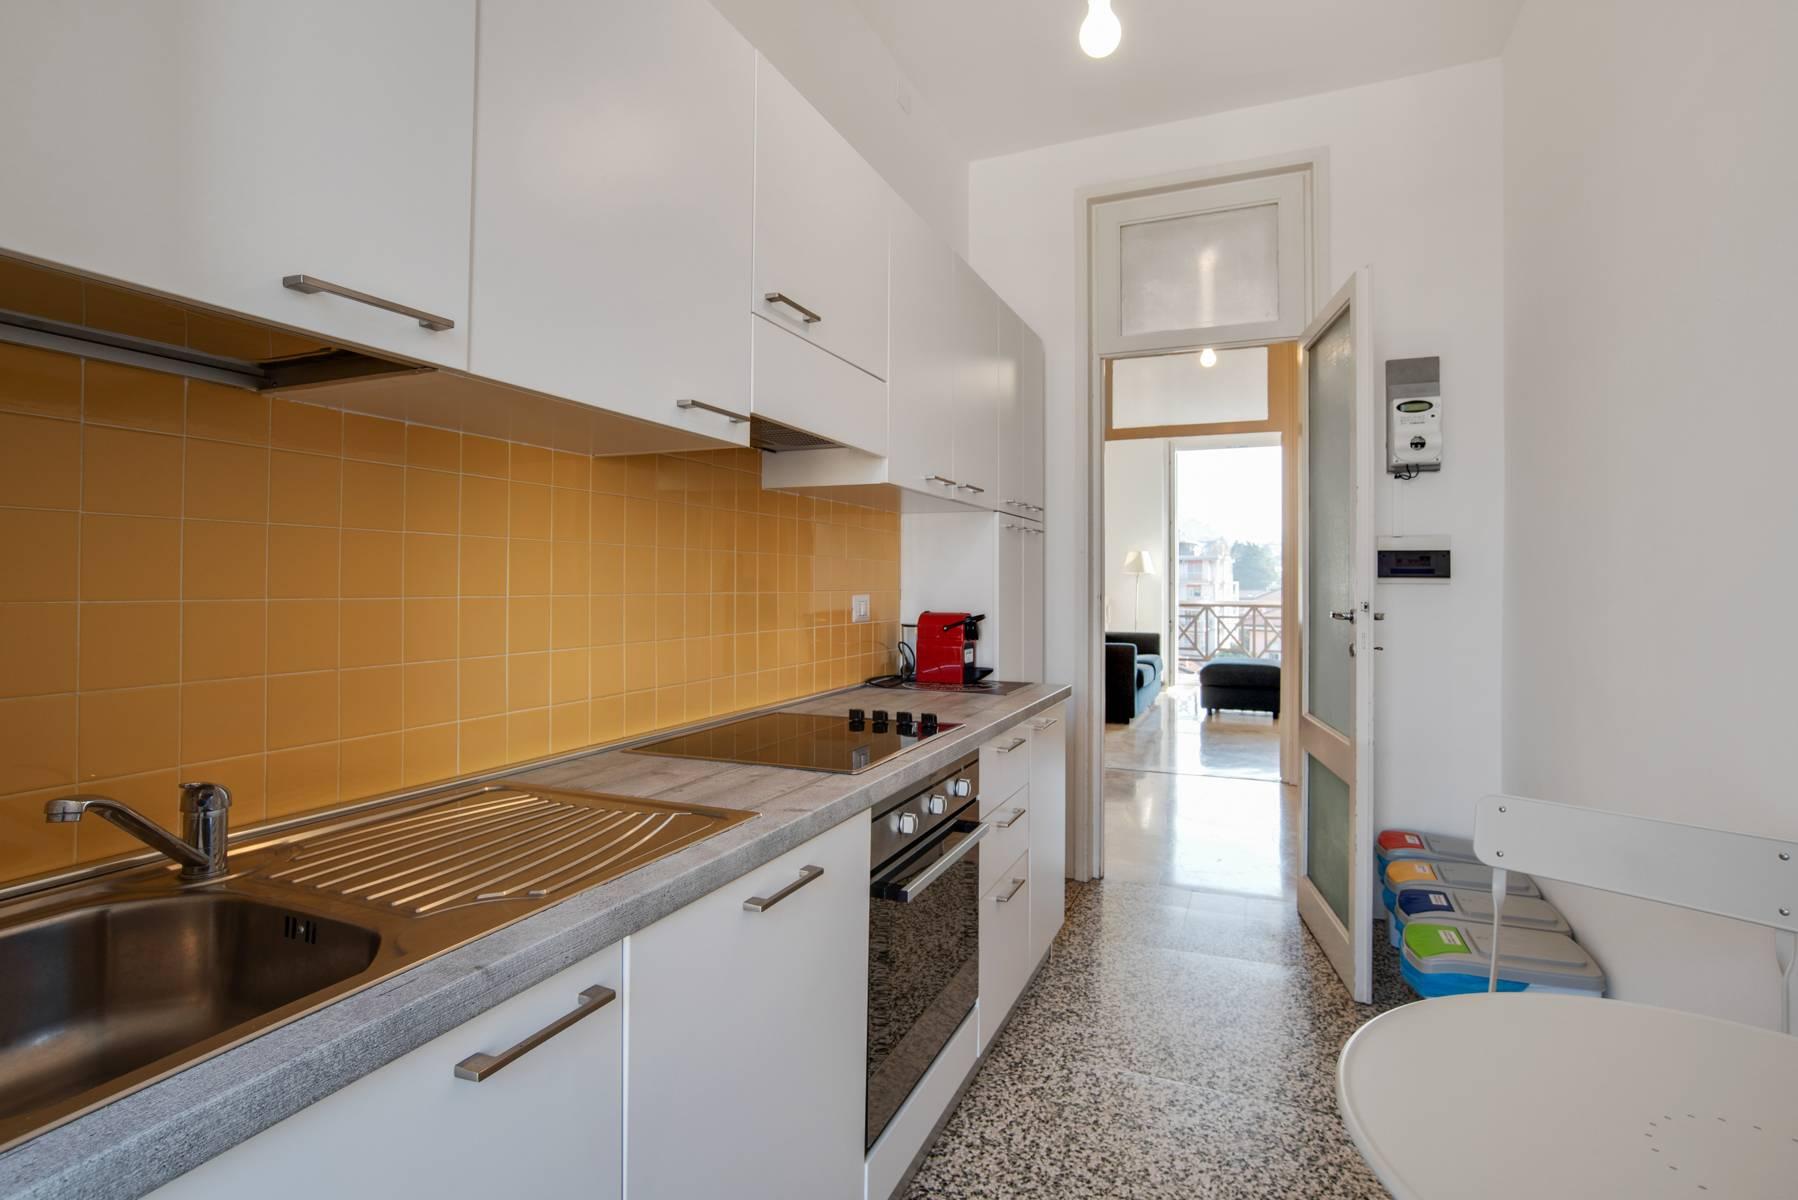 Appartamento in Affitto a Como: 3 locali, 80 mq - Foto 6